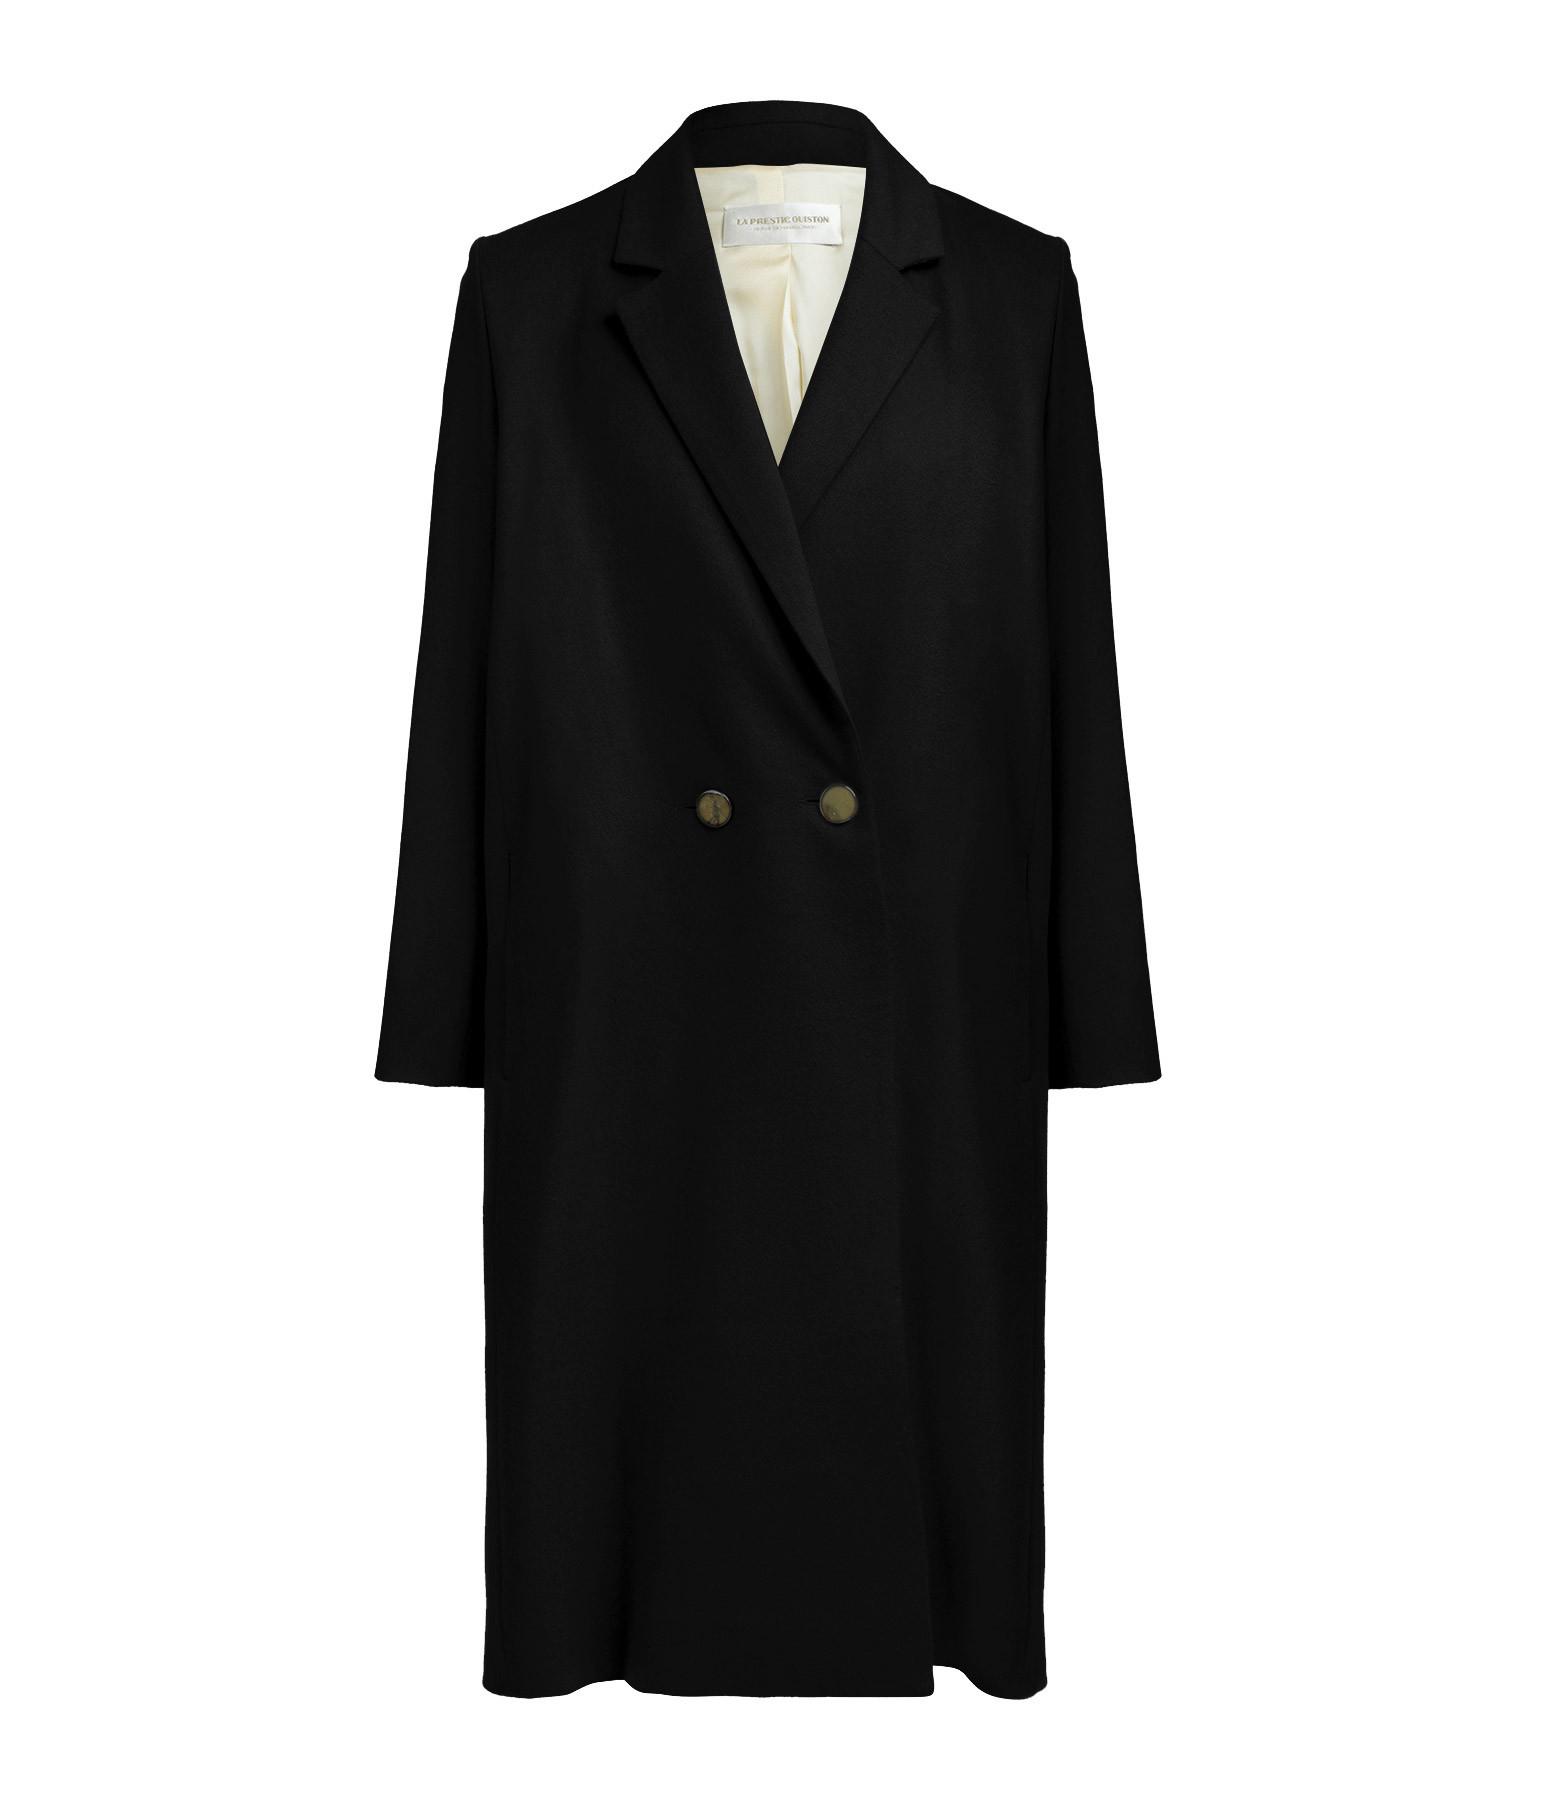 LA PRESTIC OUISTON - Manteau Charlie Noir